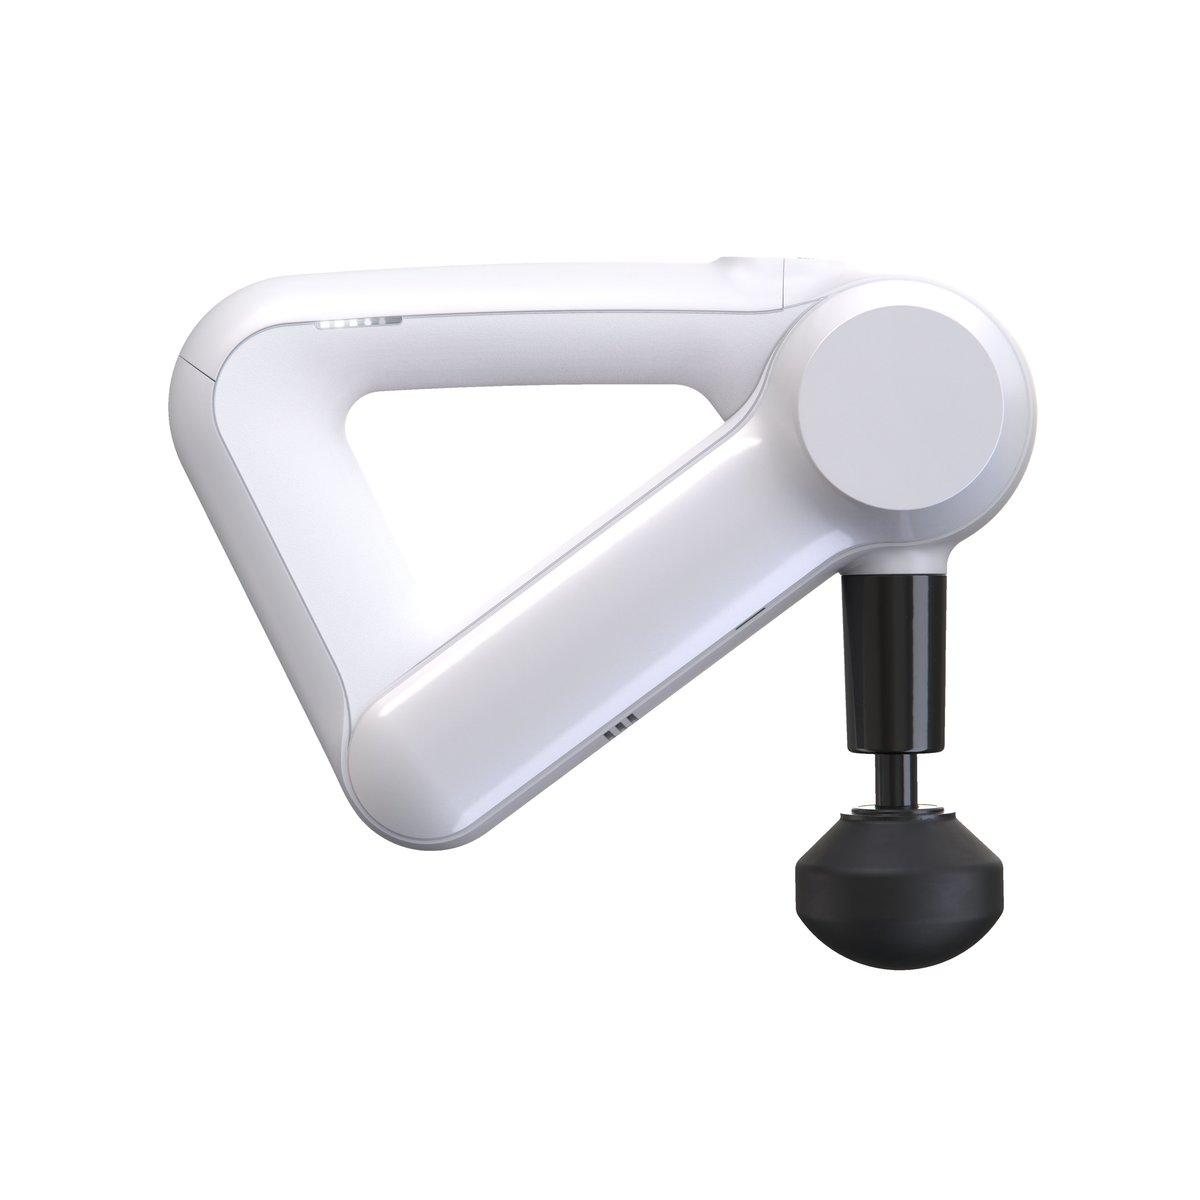 G3 原創衝擊治療按摩槍, 白色【原裝行貨】